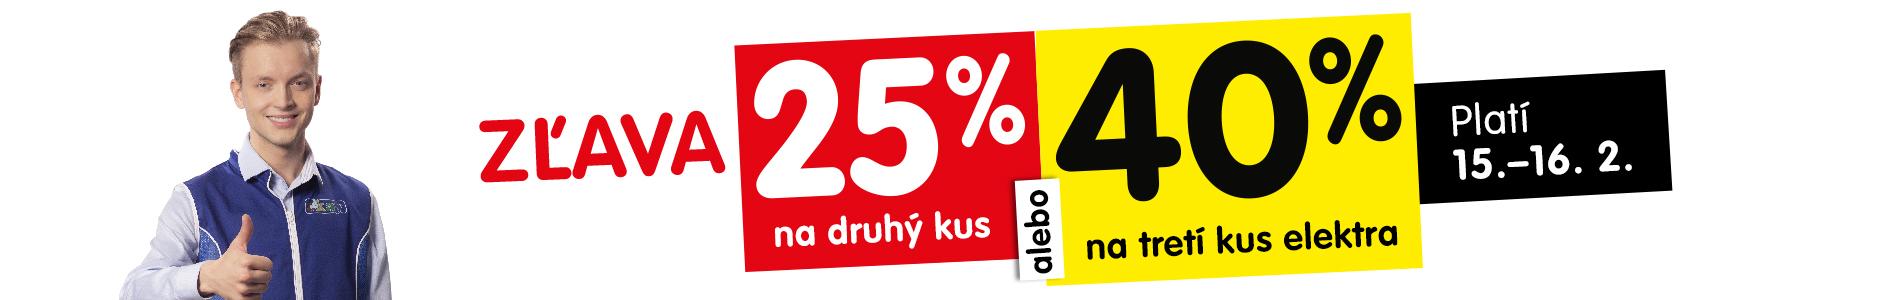 25 % zlava na 2. kus alebo 40 % na tretí